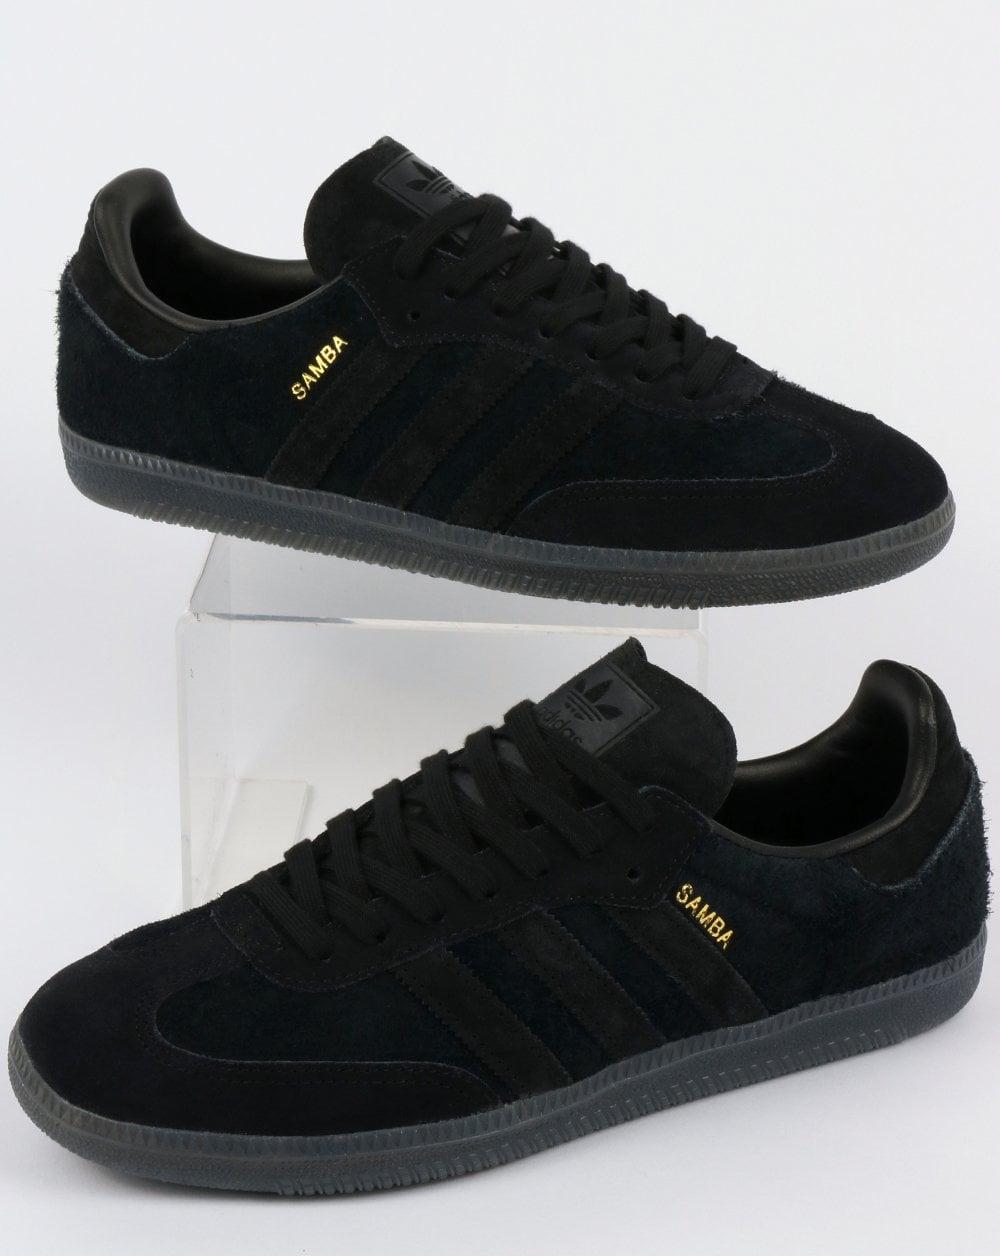 Adidas Samba OG Trainers BlackCarbon